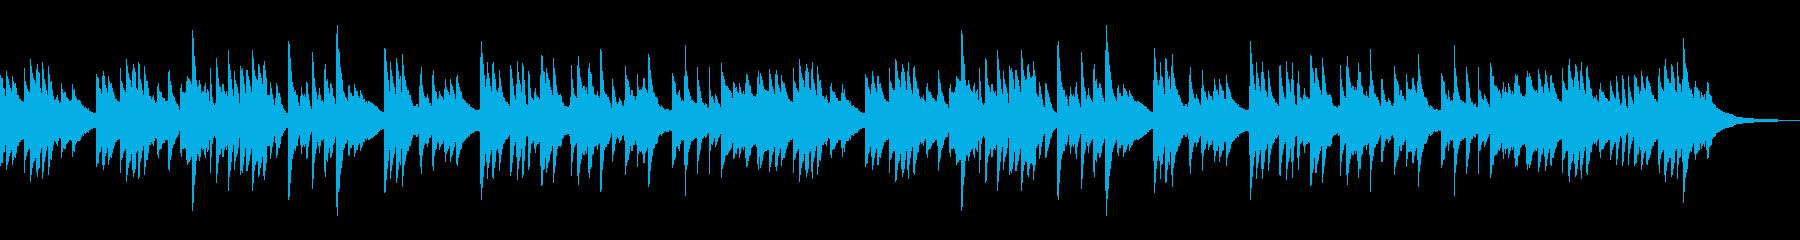 静かな印象で切ない和風なピアノBGMの再生済みの波形